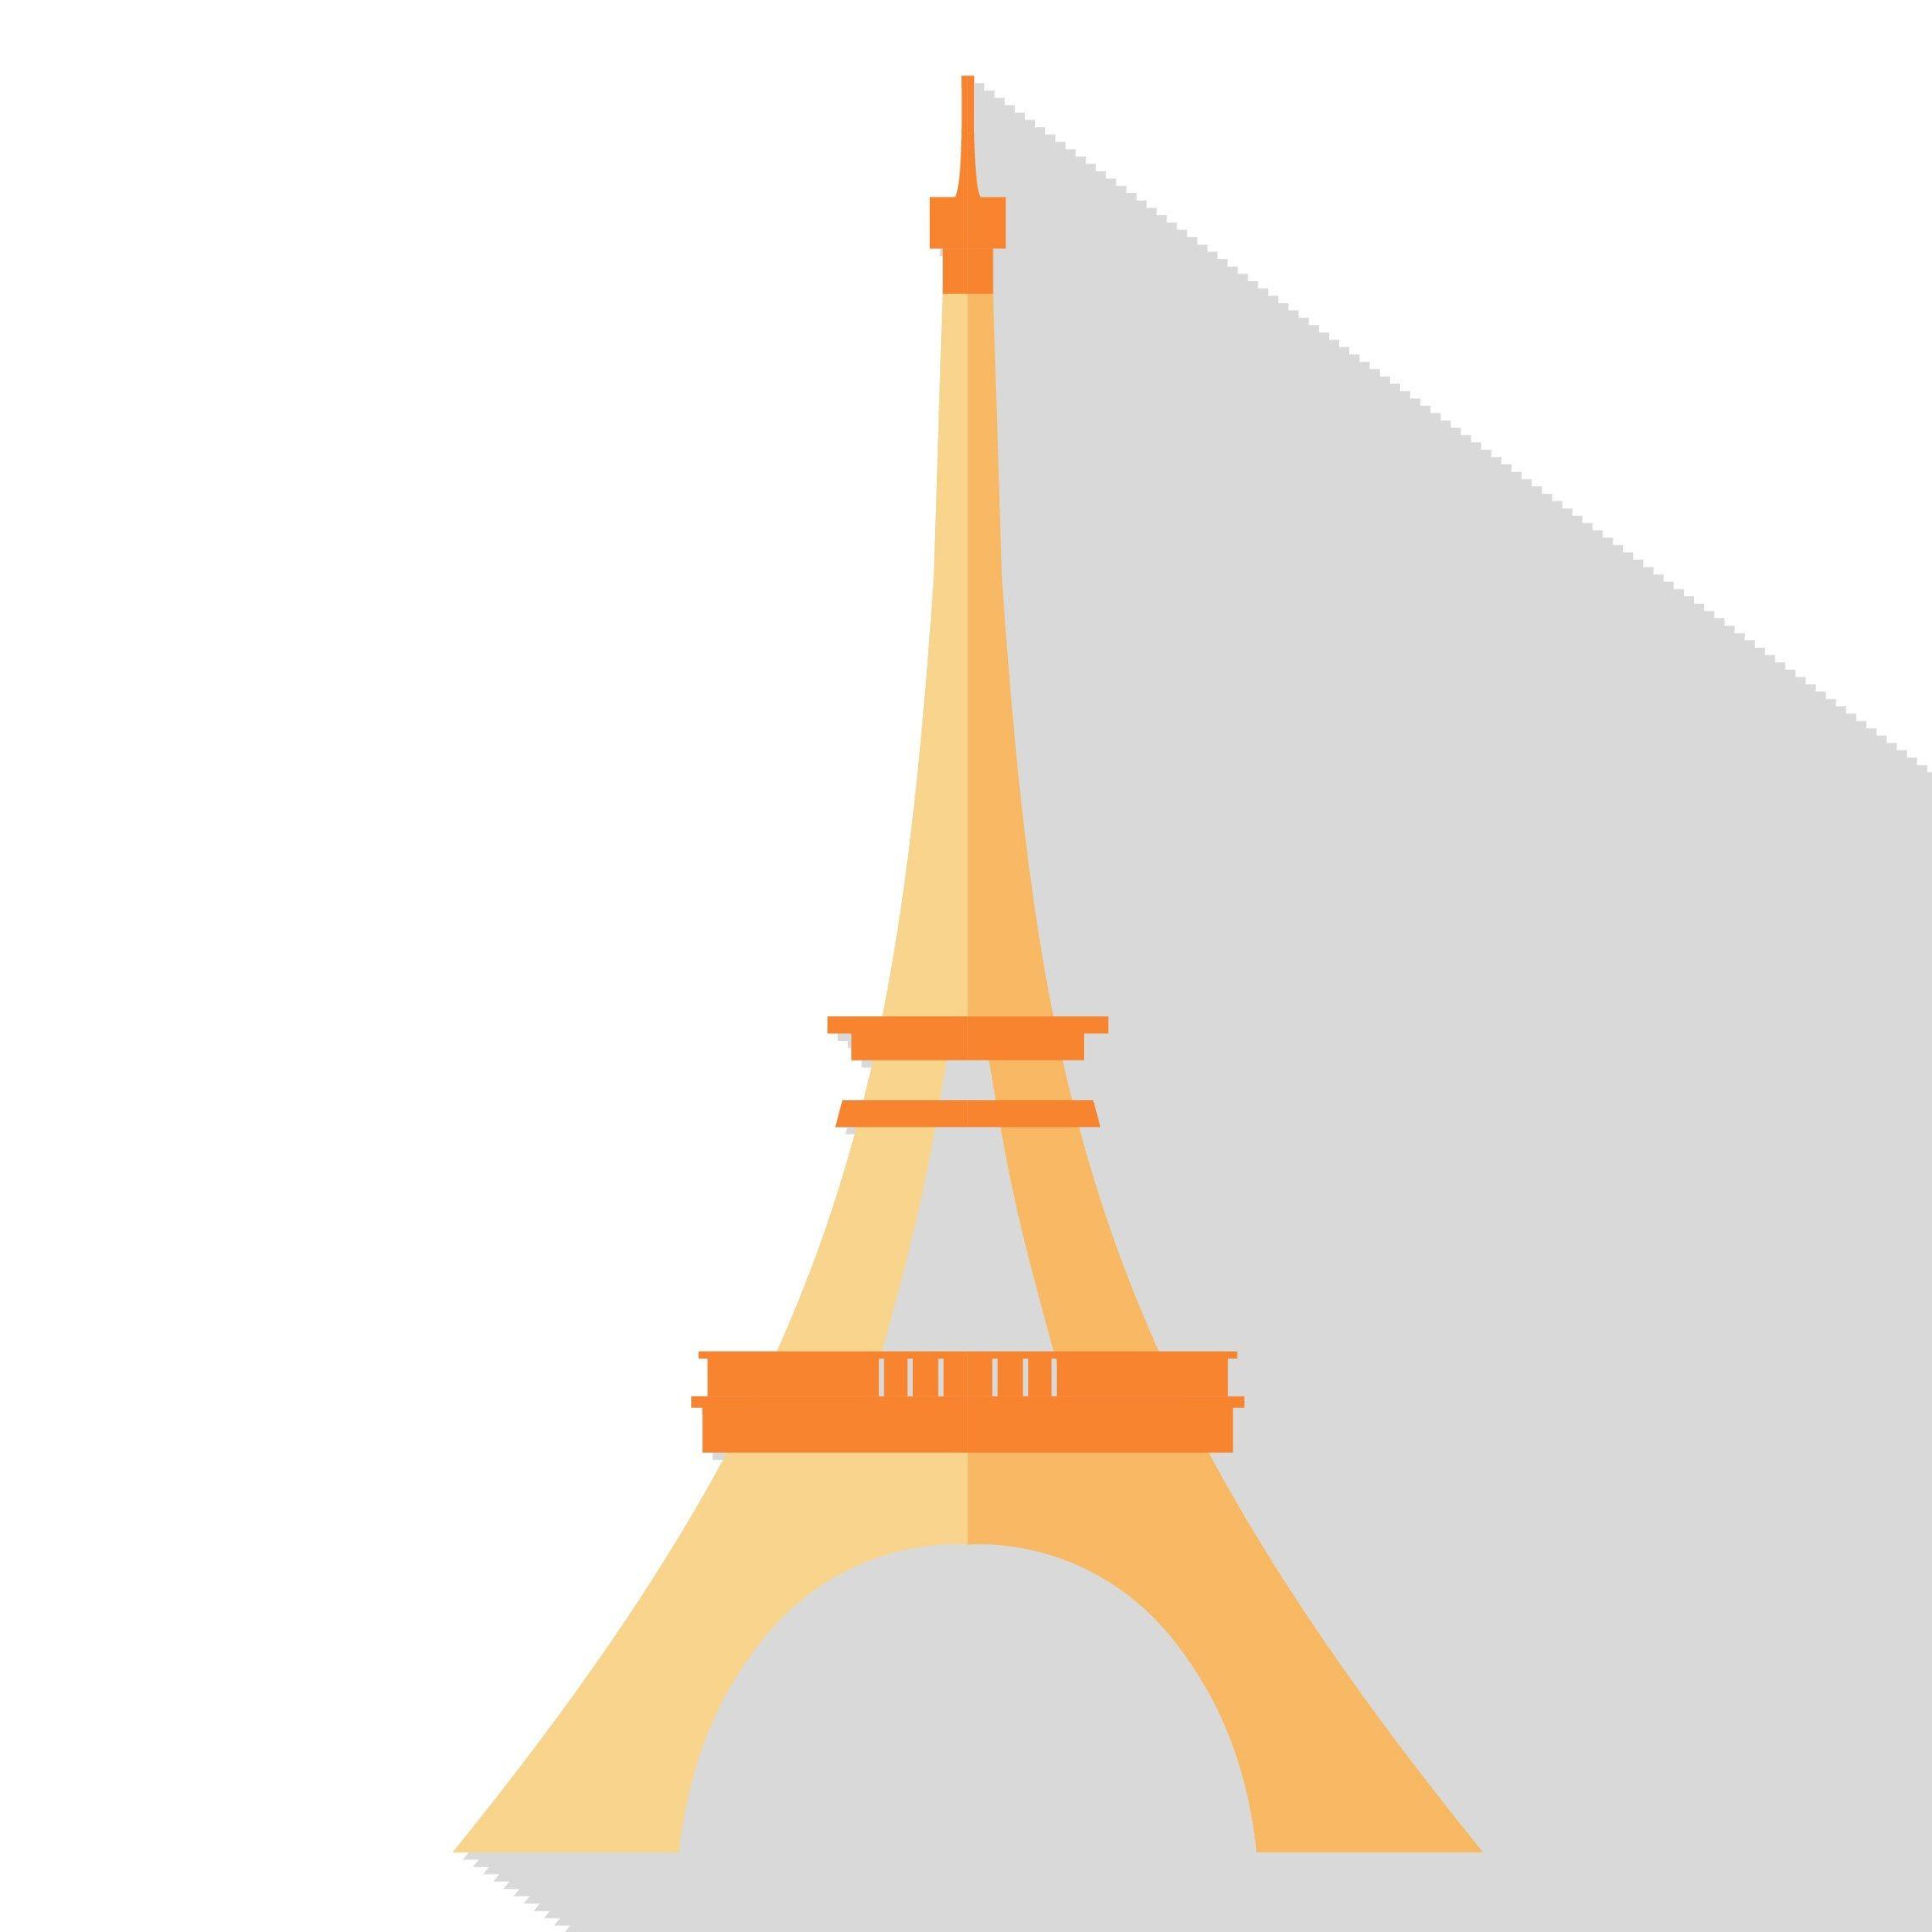 לימודי צרפתית 2